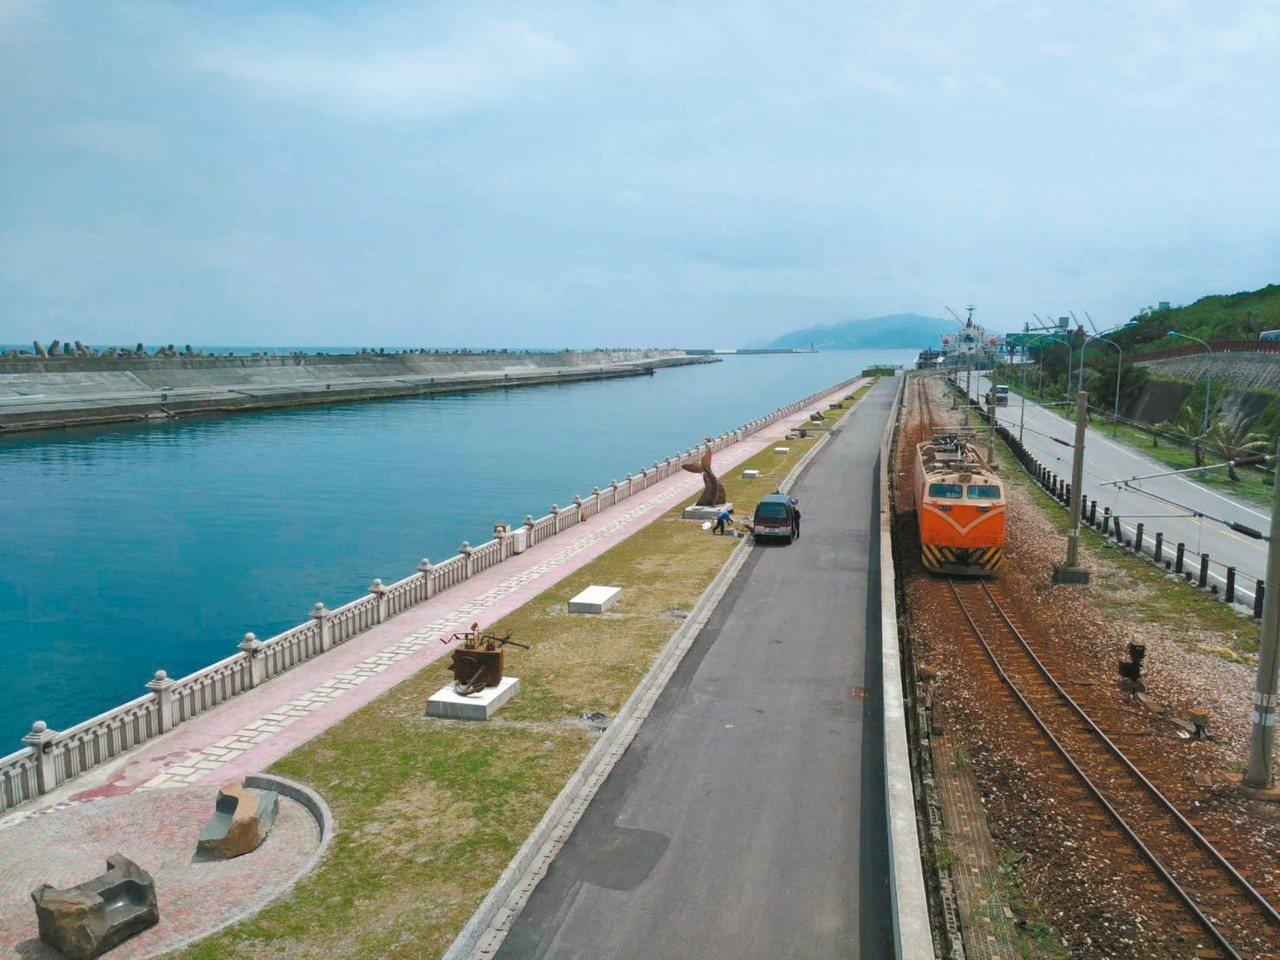 花蓮港內港航道親水遊憩區步道,可看到精彩的環境藝術作品。 圖/花蓮港務分公司提供